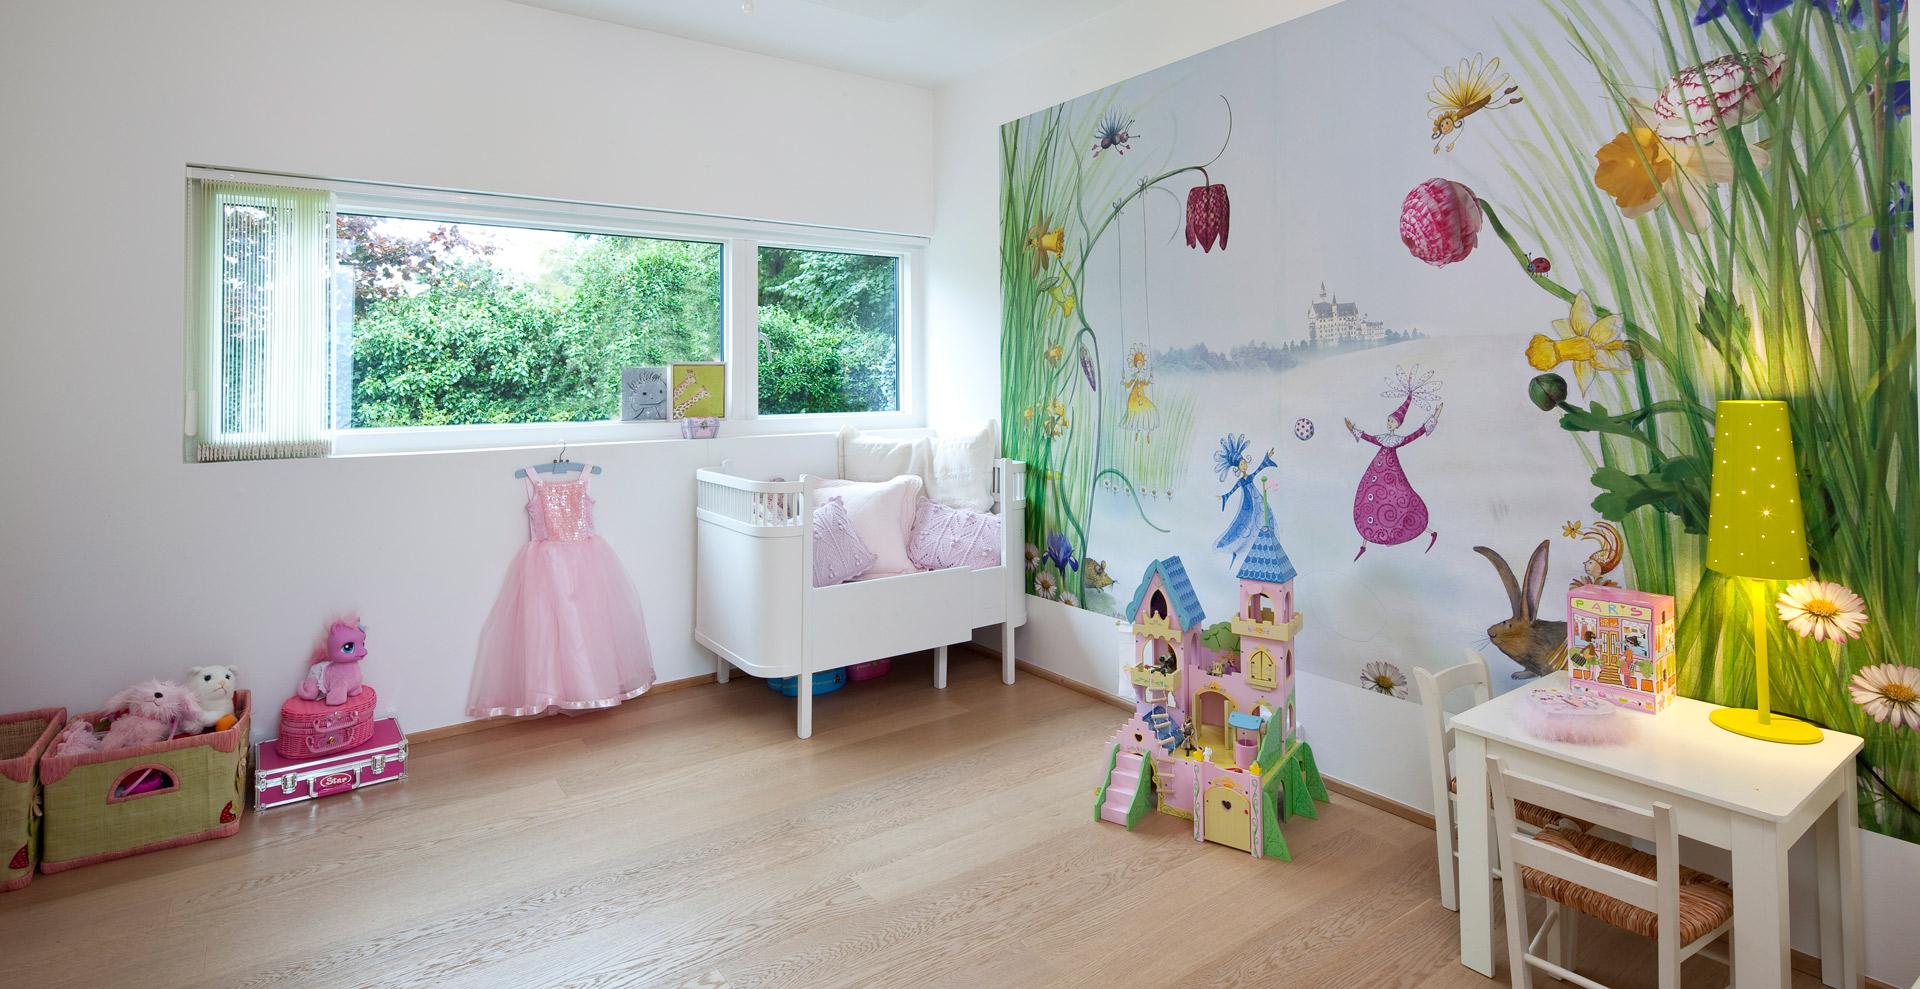 Styling-og-indretning-af-pige-babyværelse-fotograferet-af-BB-Studio